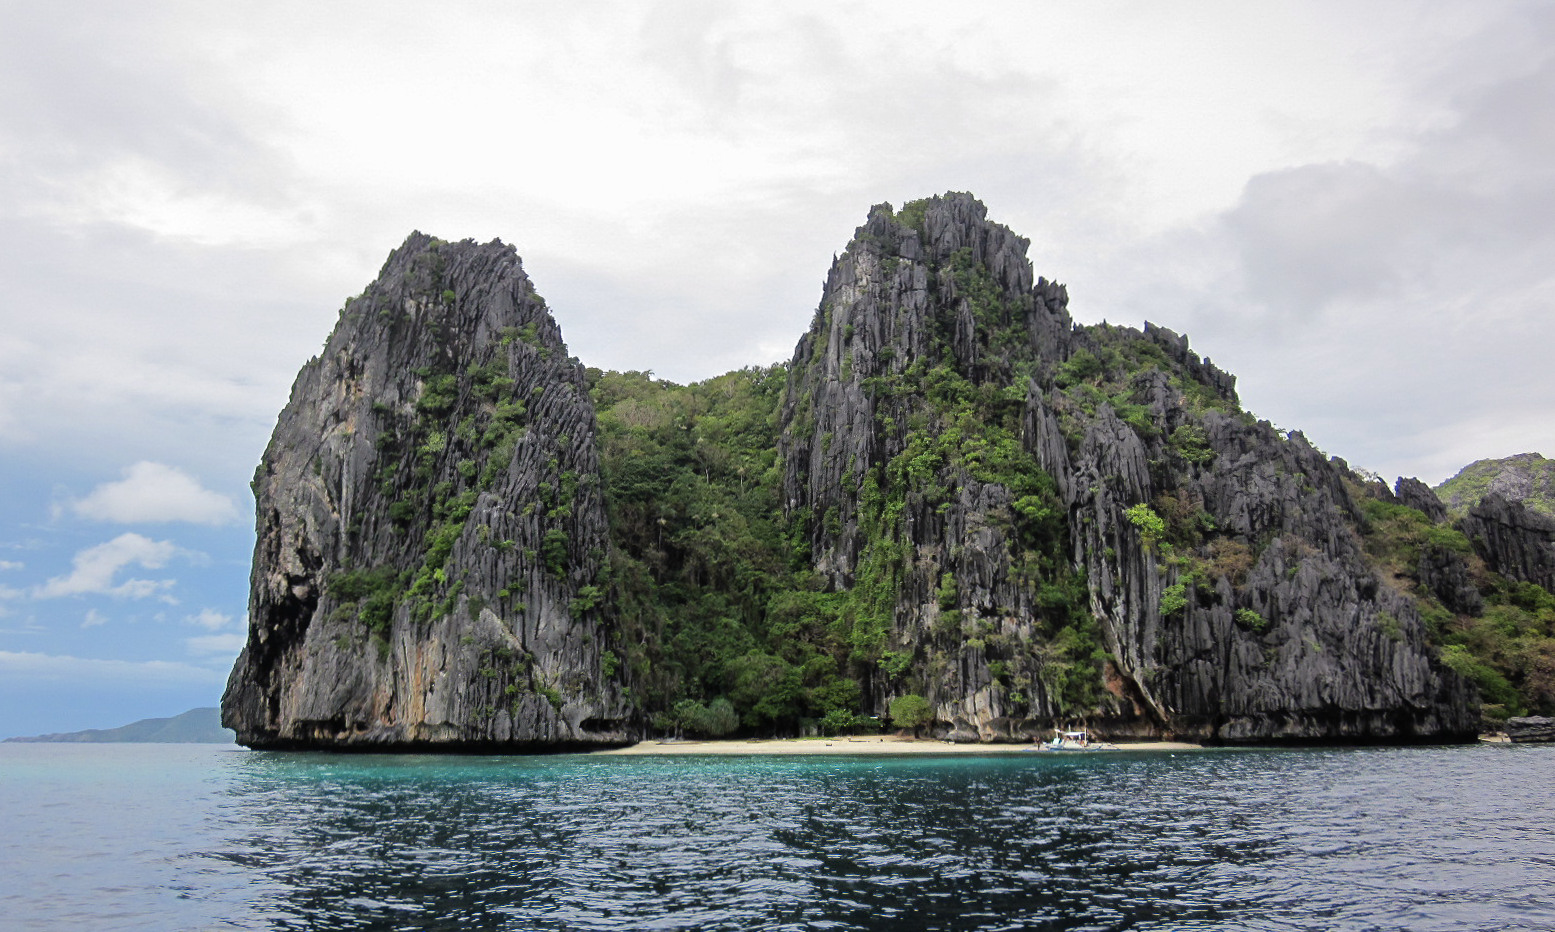 Inatula Island, Philippines